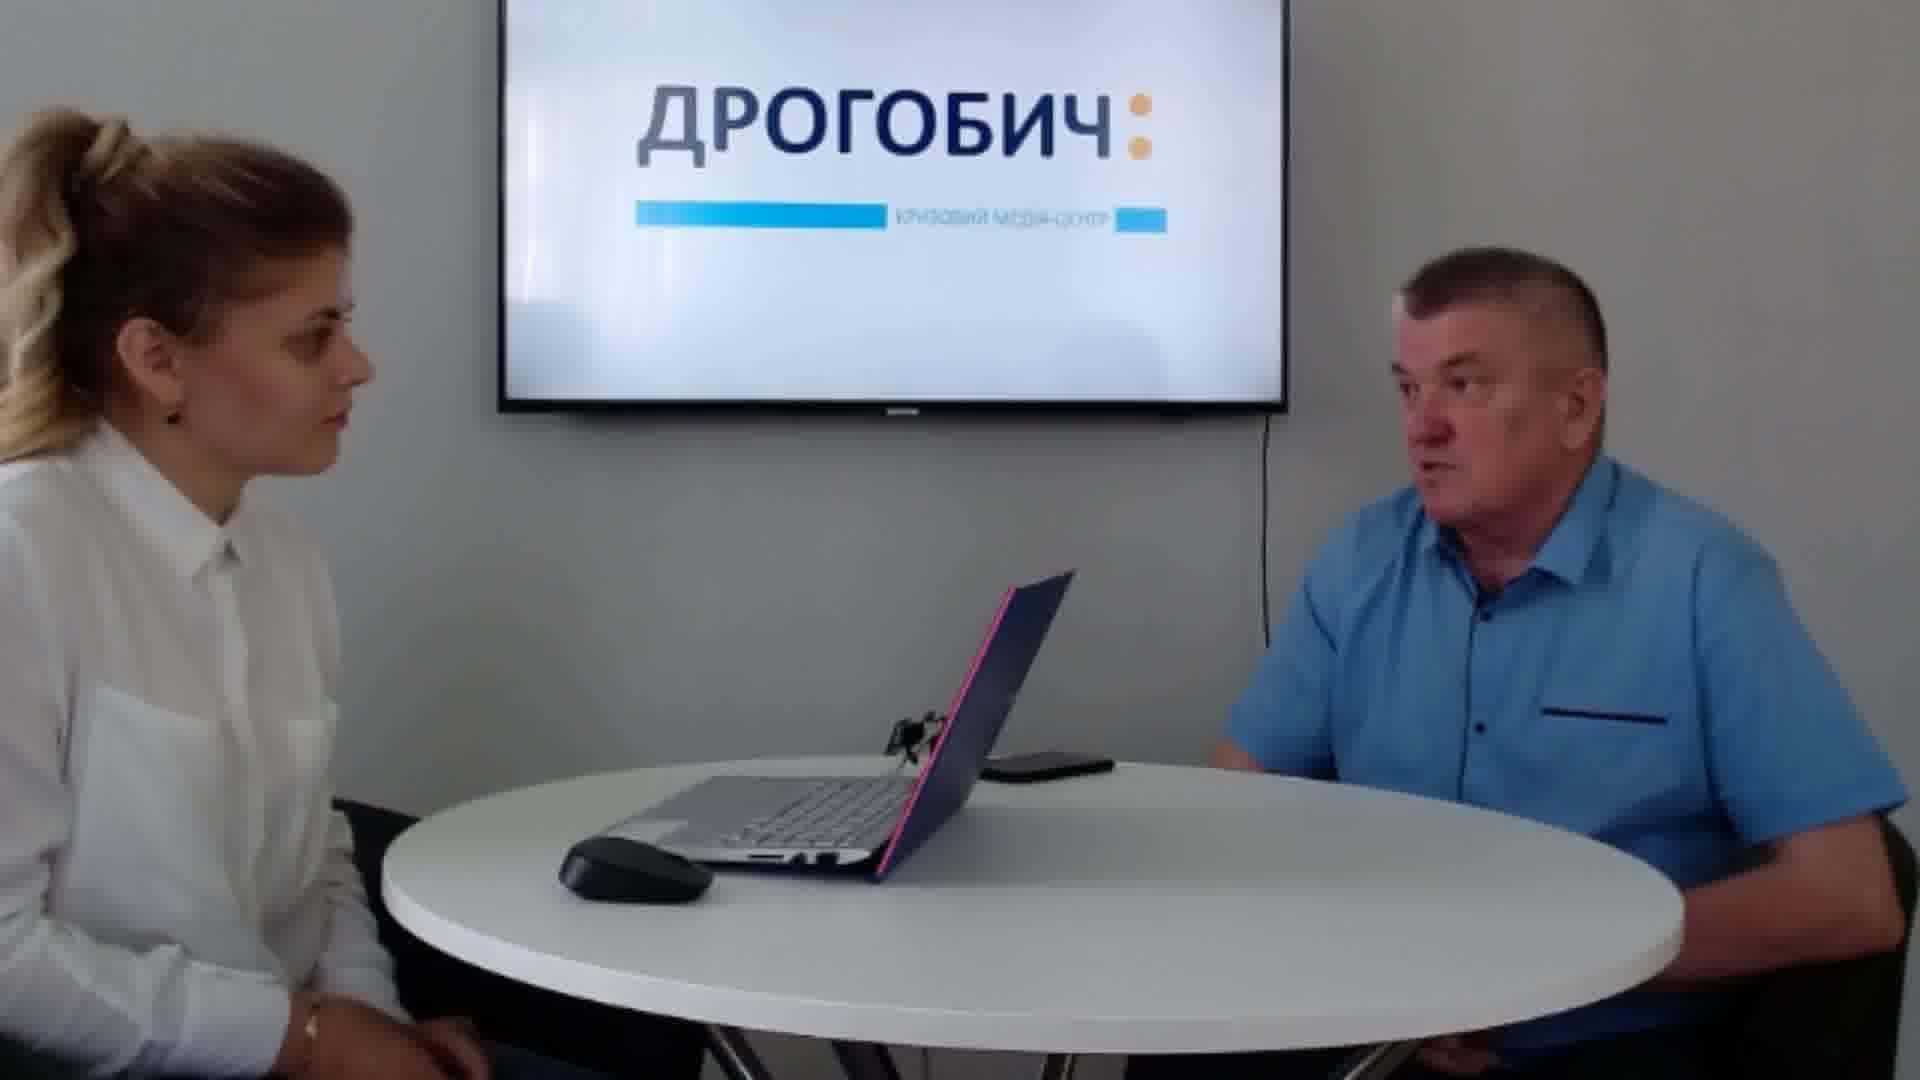 КМЦ «Дрогобич:» Здобуваємо професійно-технічну освіту у Дрогобичі – Вище професійне училище № 19